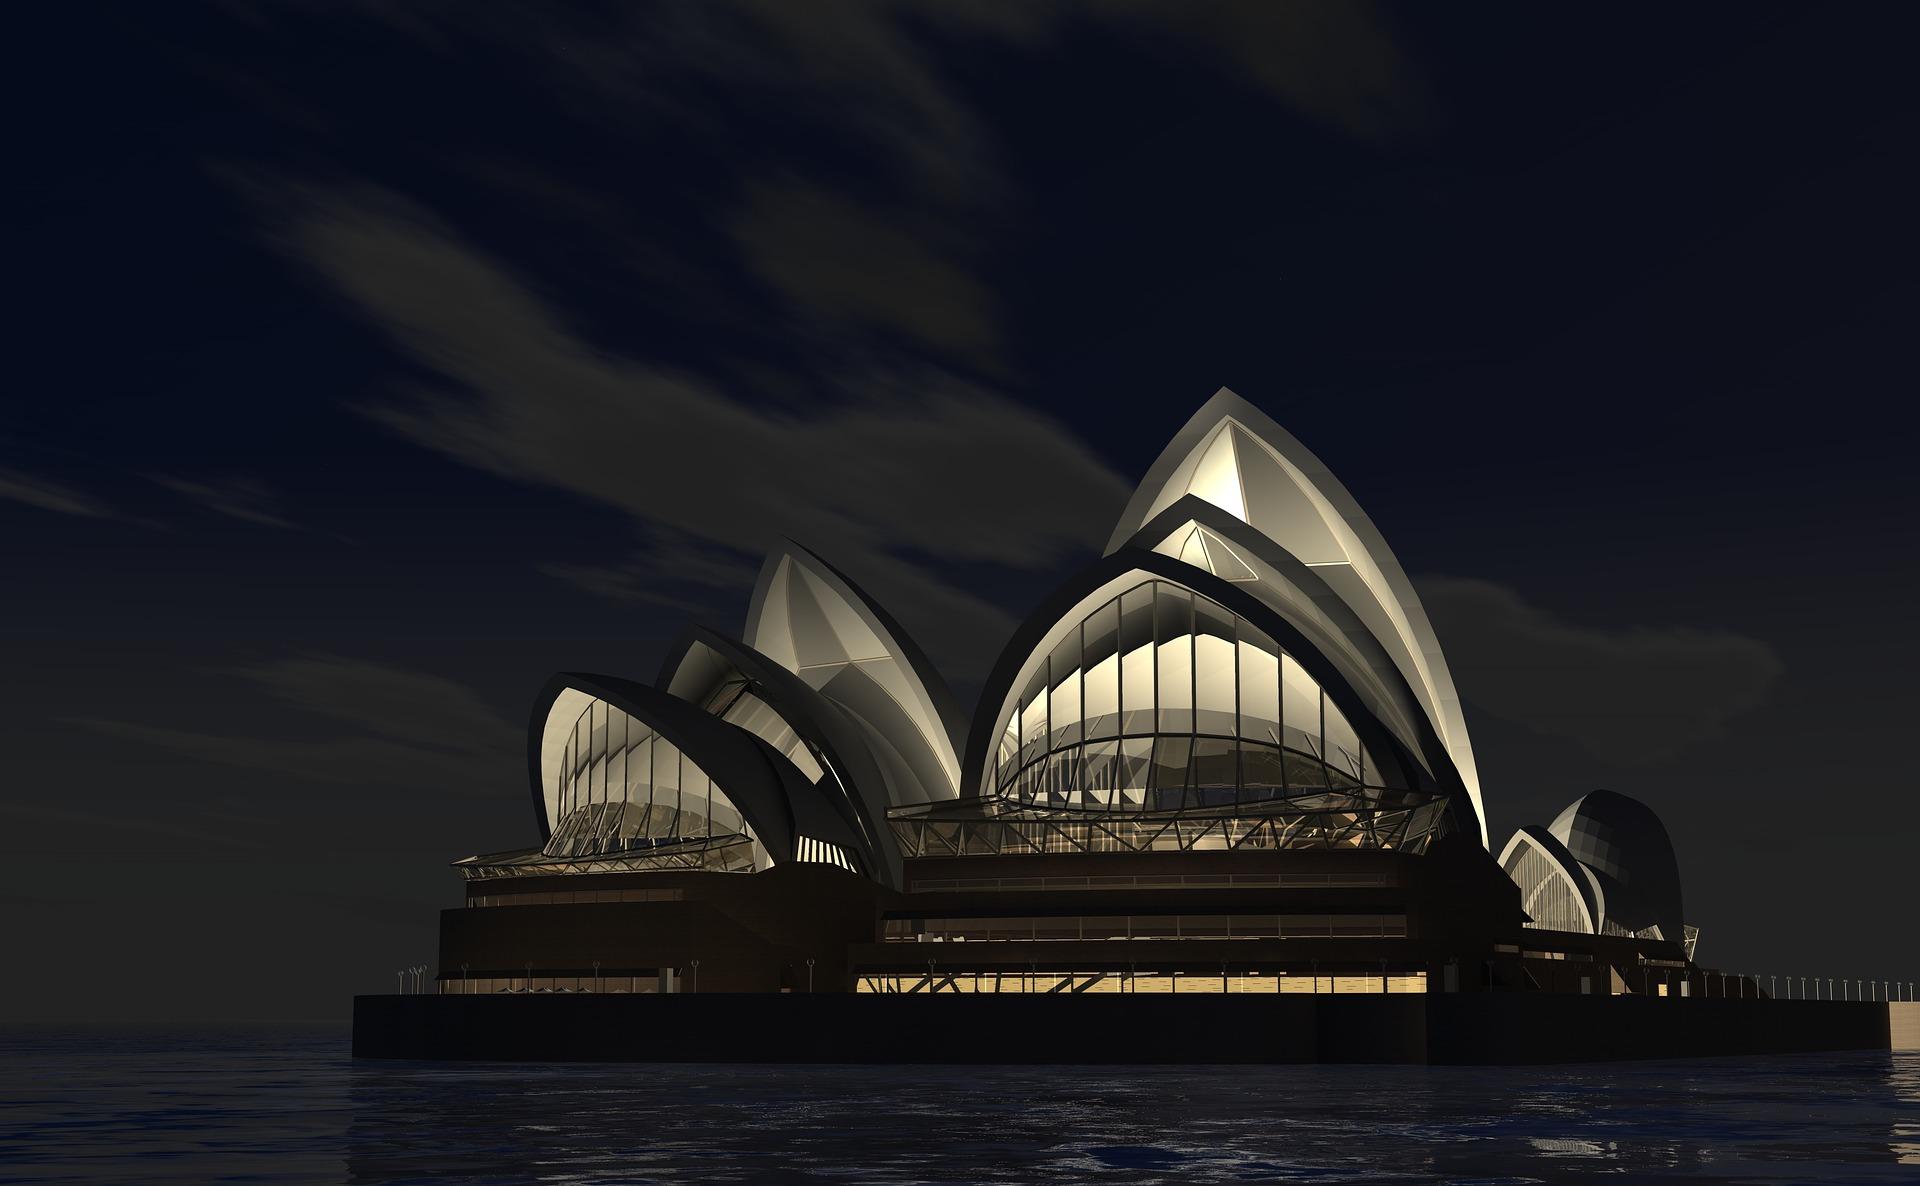 Oplev fantastiske Sydney med et billigt rejselån